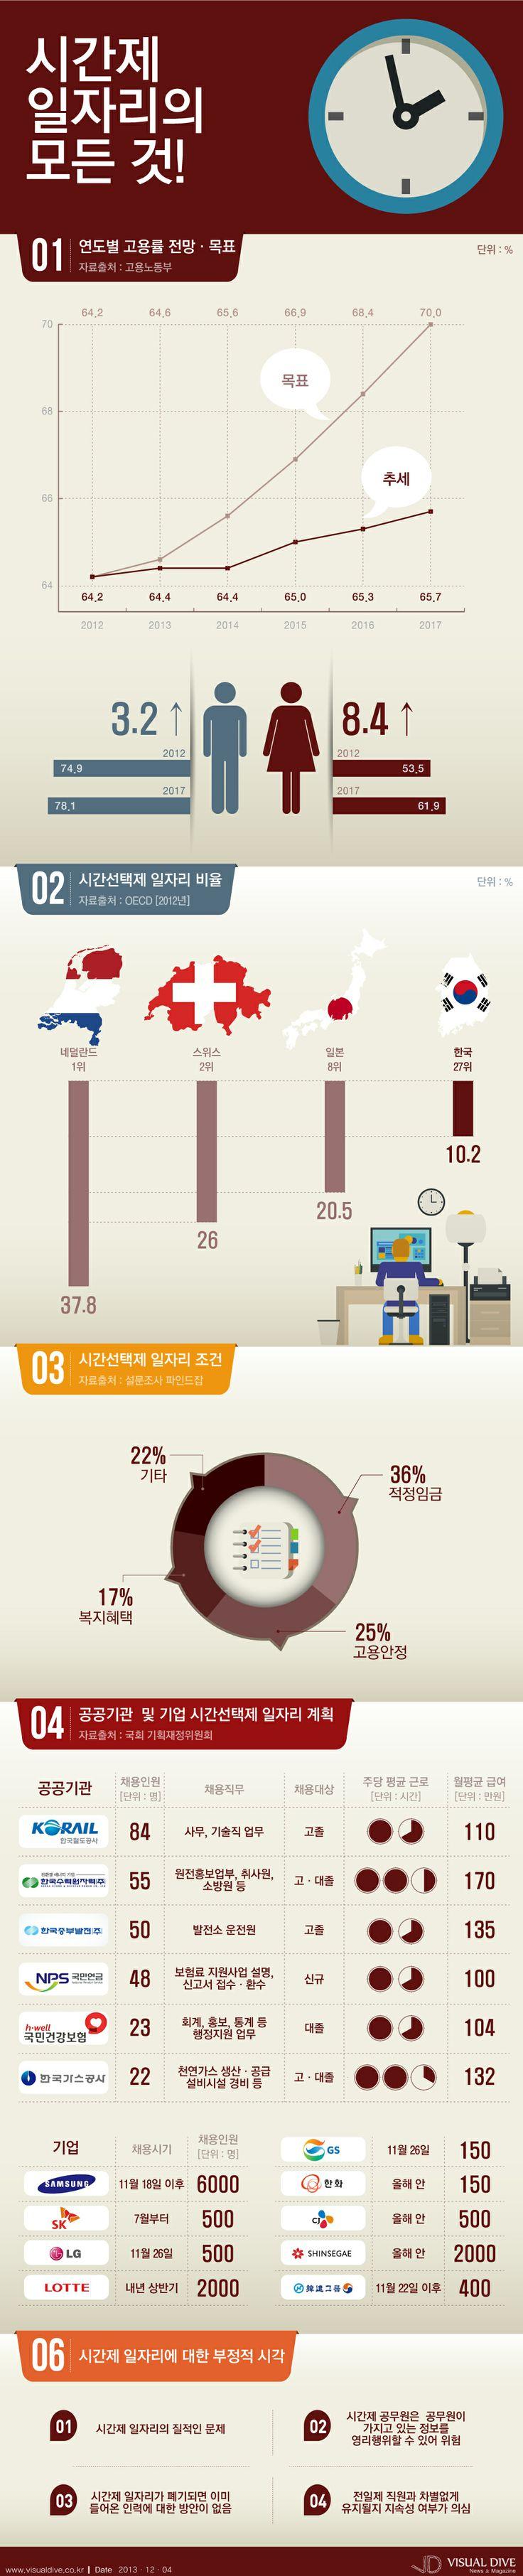 """[인포그래픽] 朴정부, 70% 고용률 돌파구 '시간제 일자리' #job / #Infographic"""" ⓒ 비주얼다이브 무단 복사·전재·재배포 금지"""